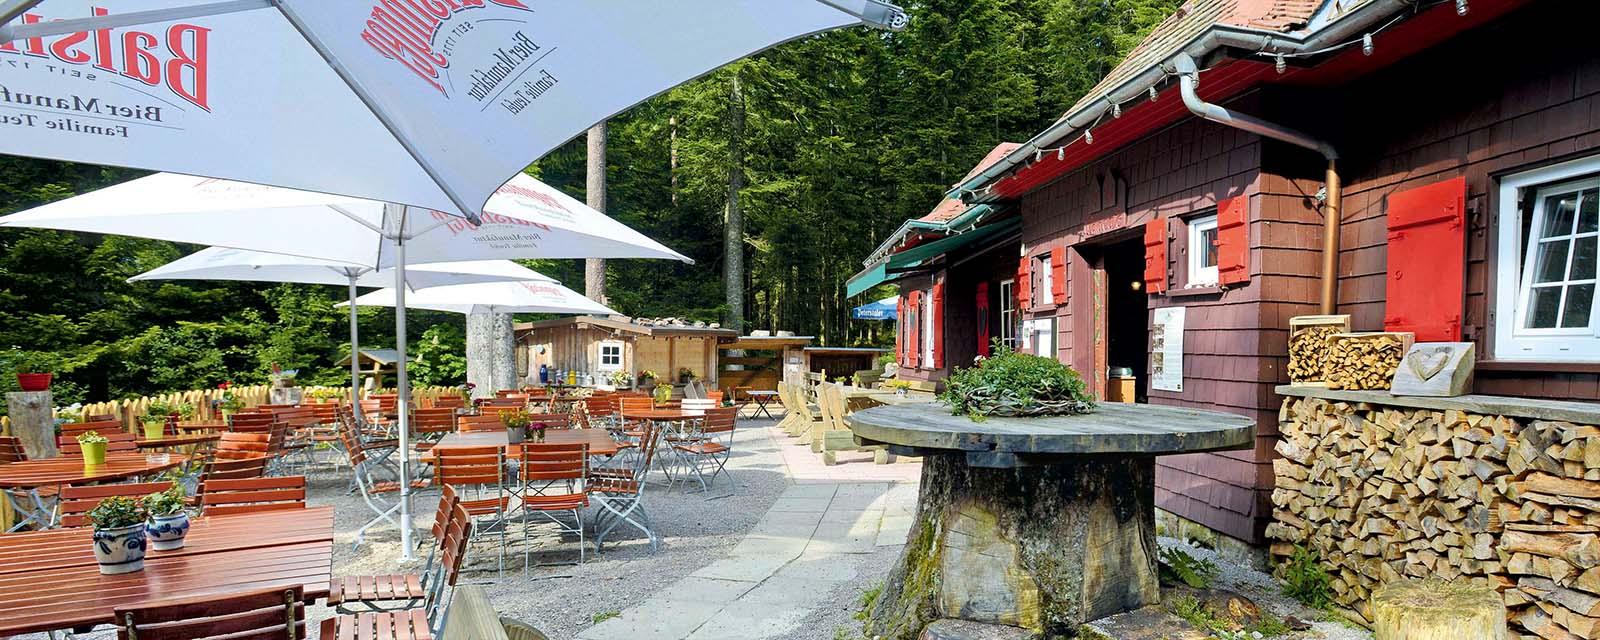 Waldcafe, Teuchelwald, Freudenstadt, Gastraum, Feiern